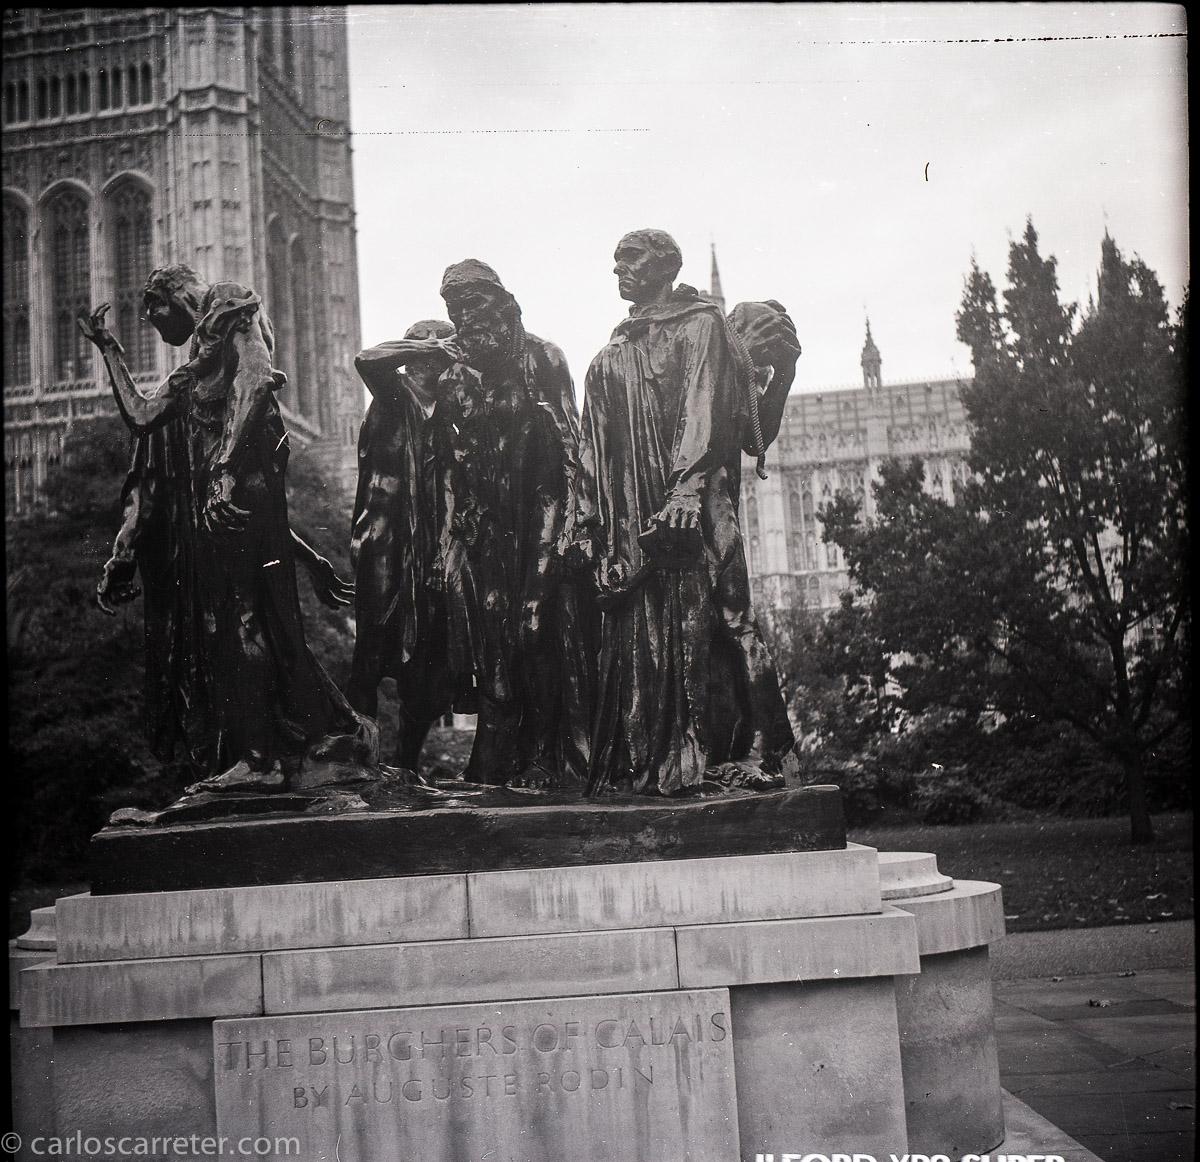 Los Burgueses de Calais, tras el palacio de Westminster